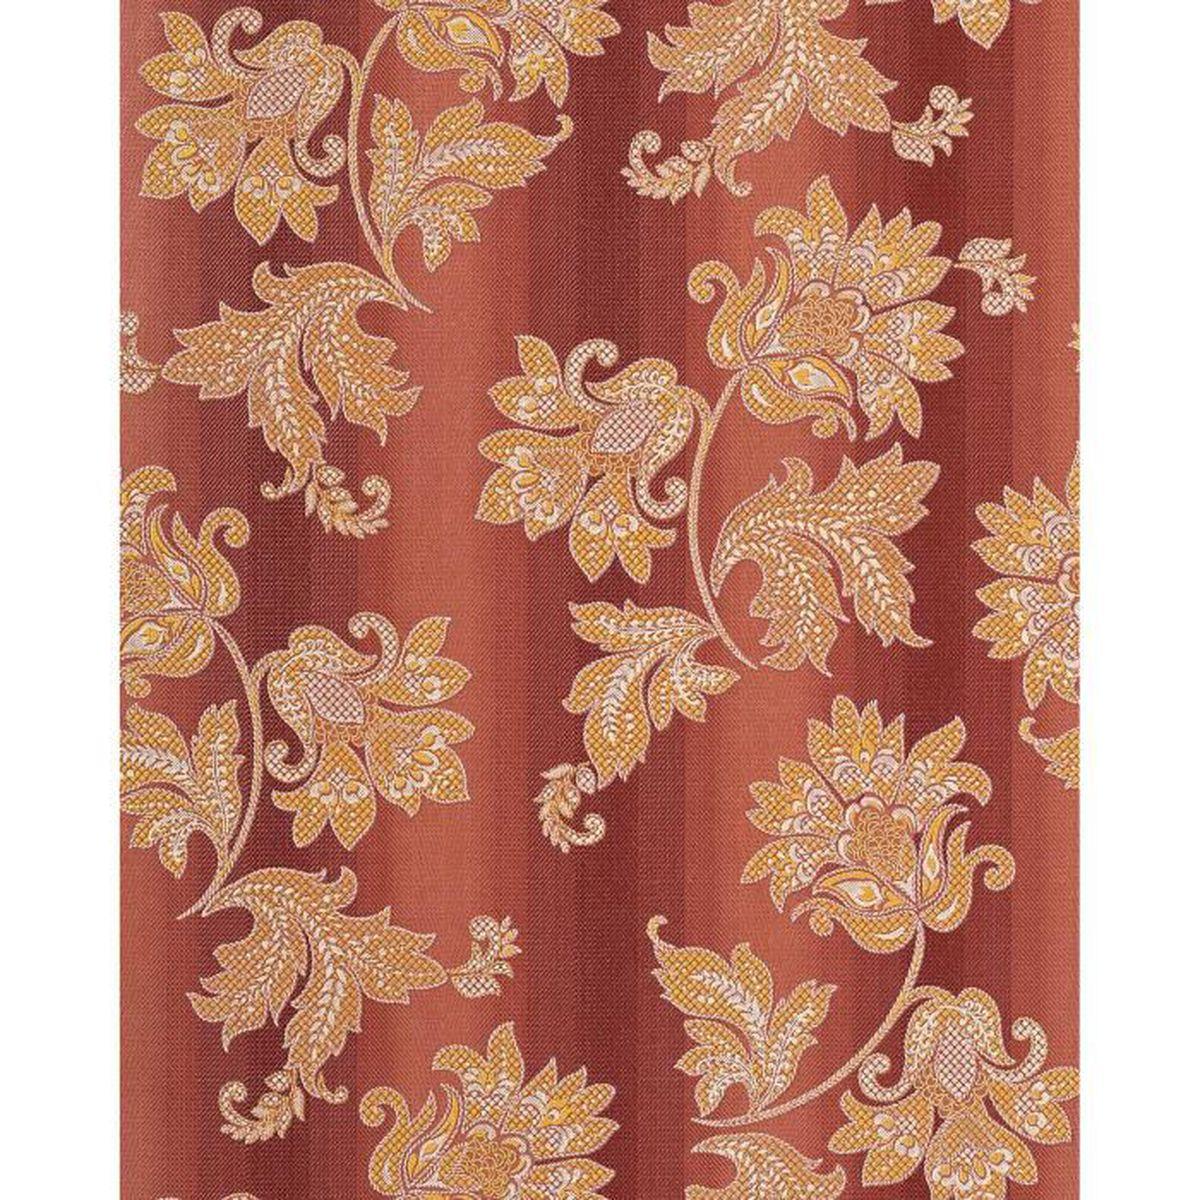 Papier Peint En Vinyle Design Motif Floral Edem 084 24 Fleurs